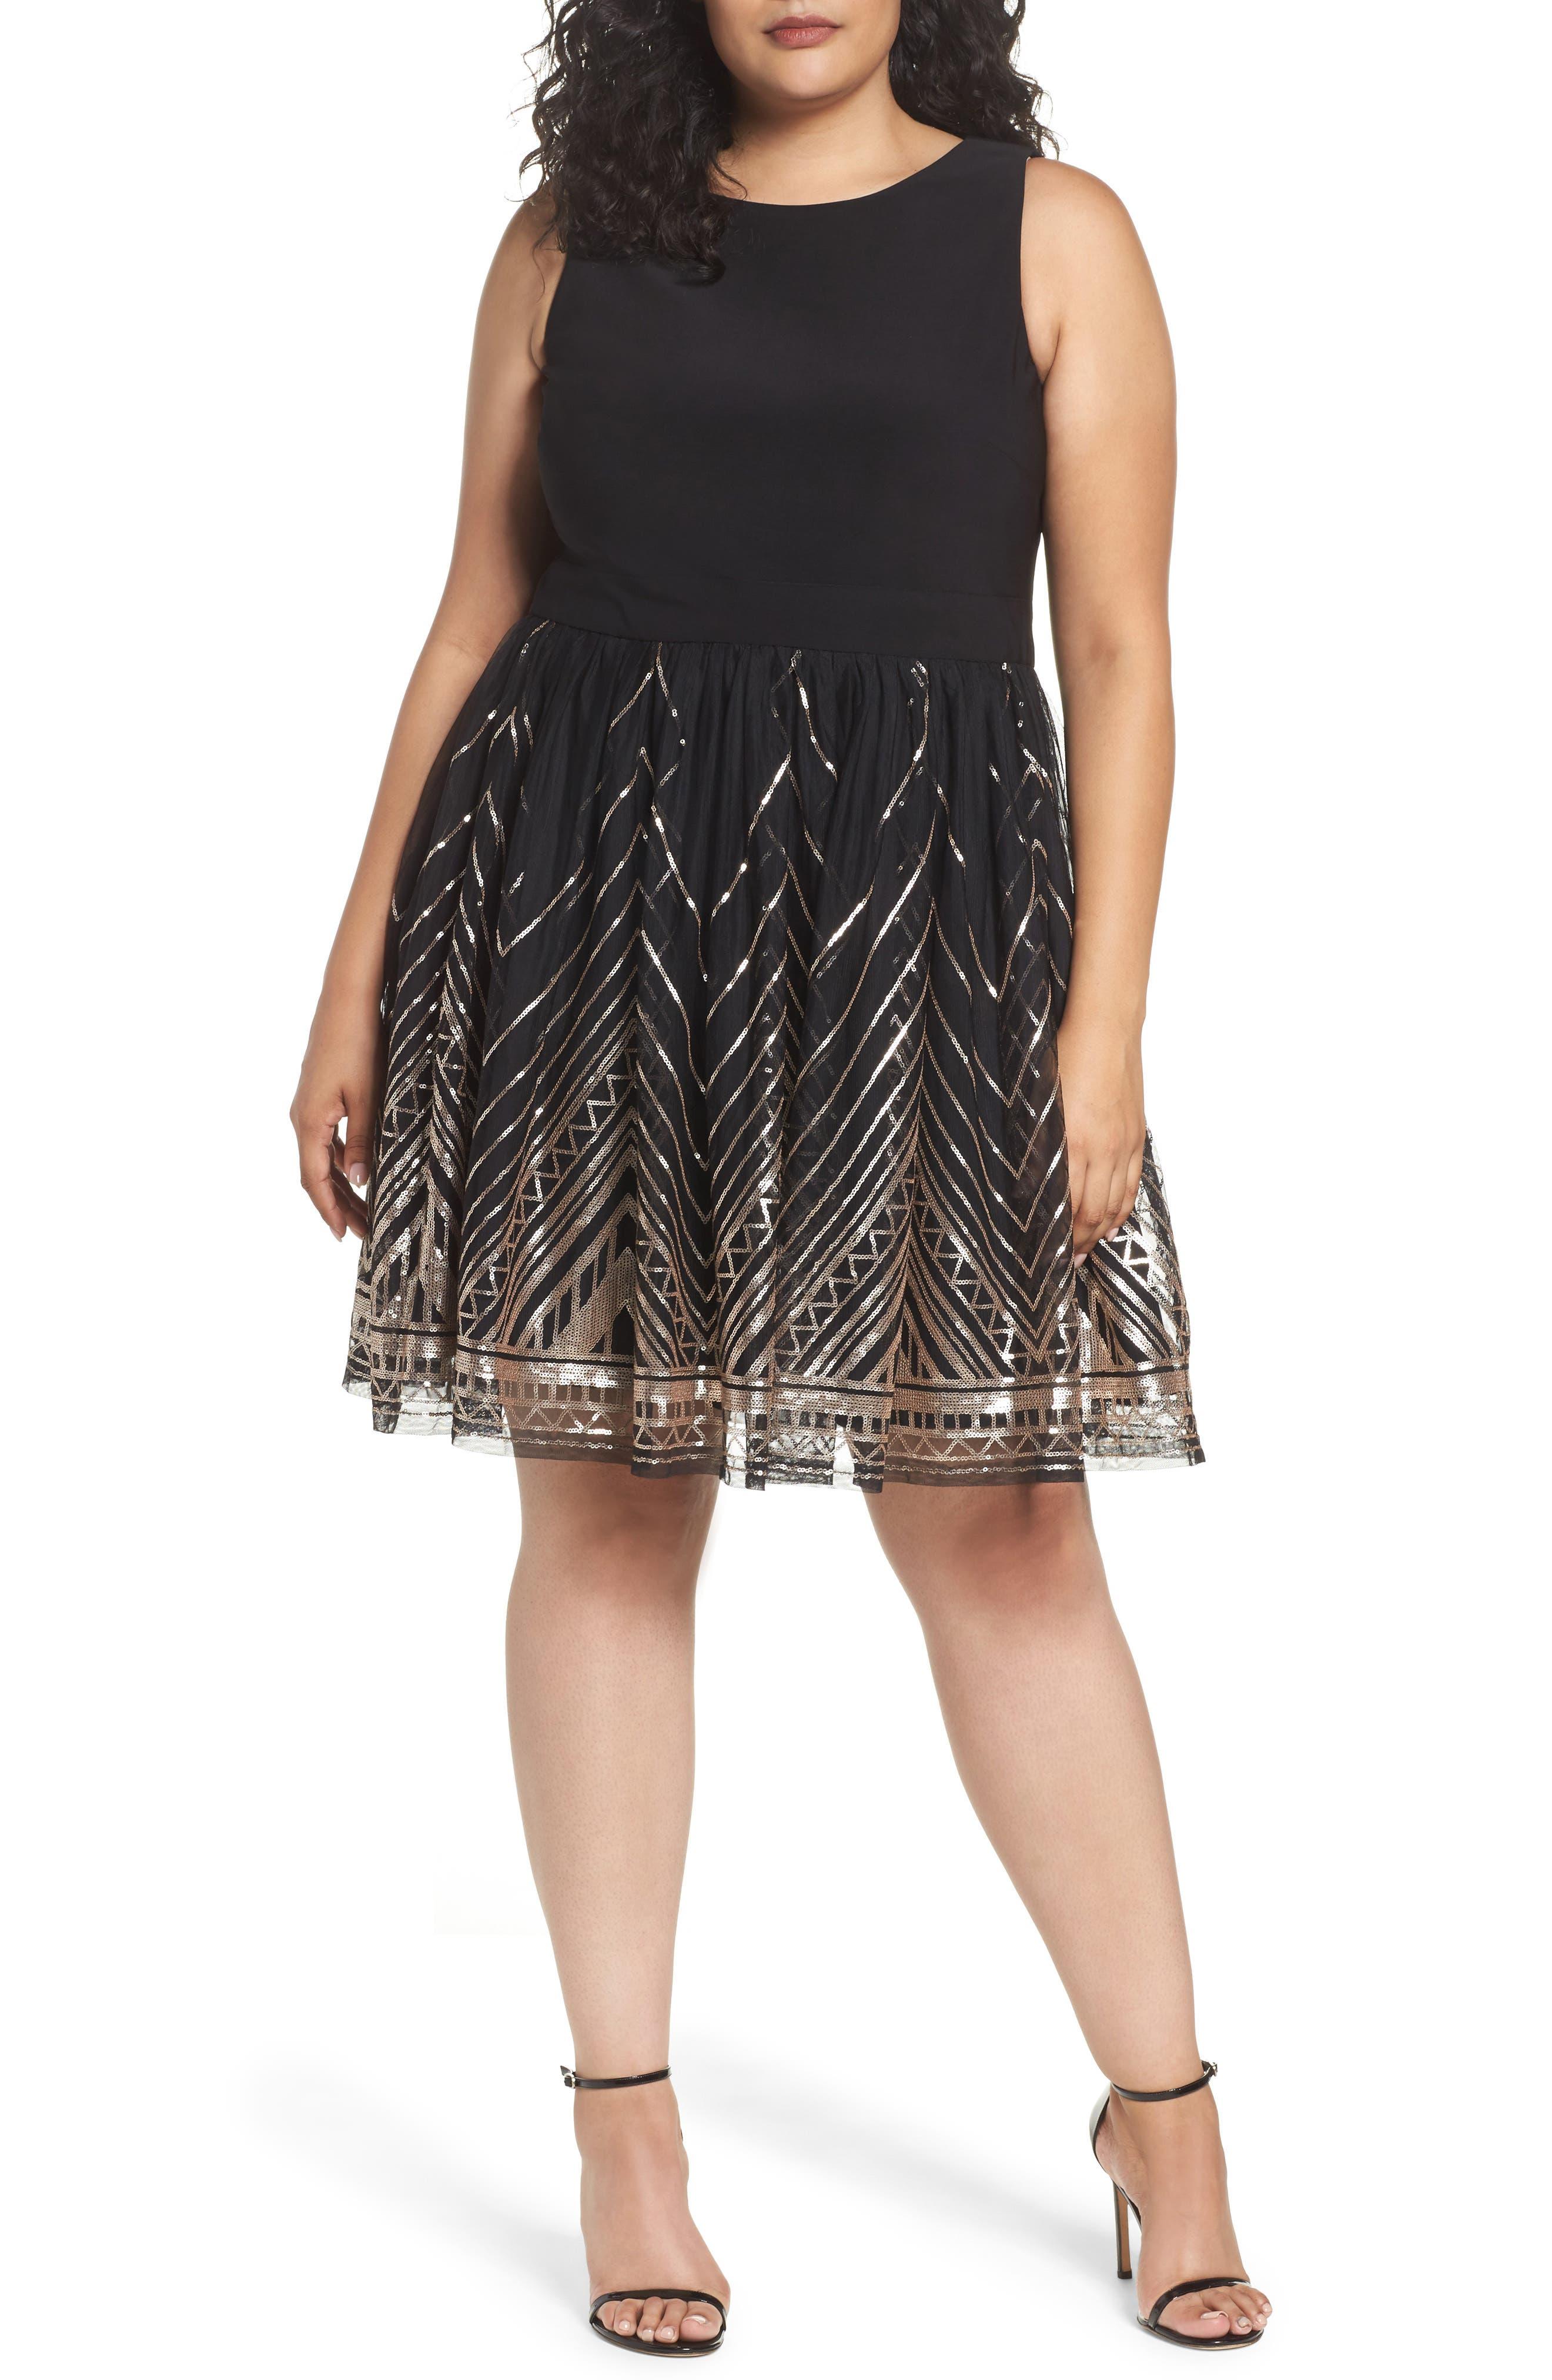 Plus Size Vince Camuto Sequin Fit & Flare Cocktail Dress, Black